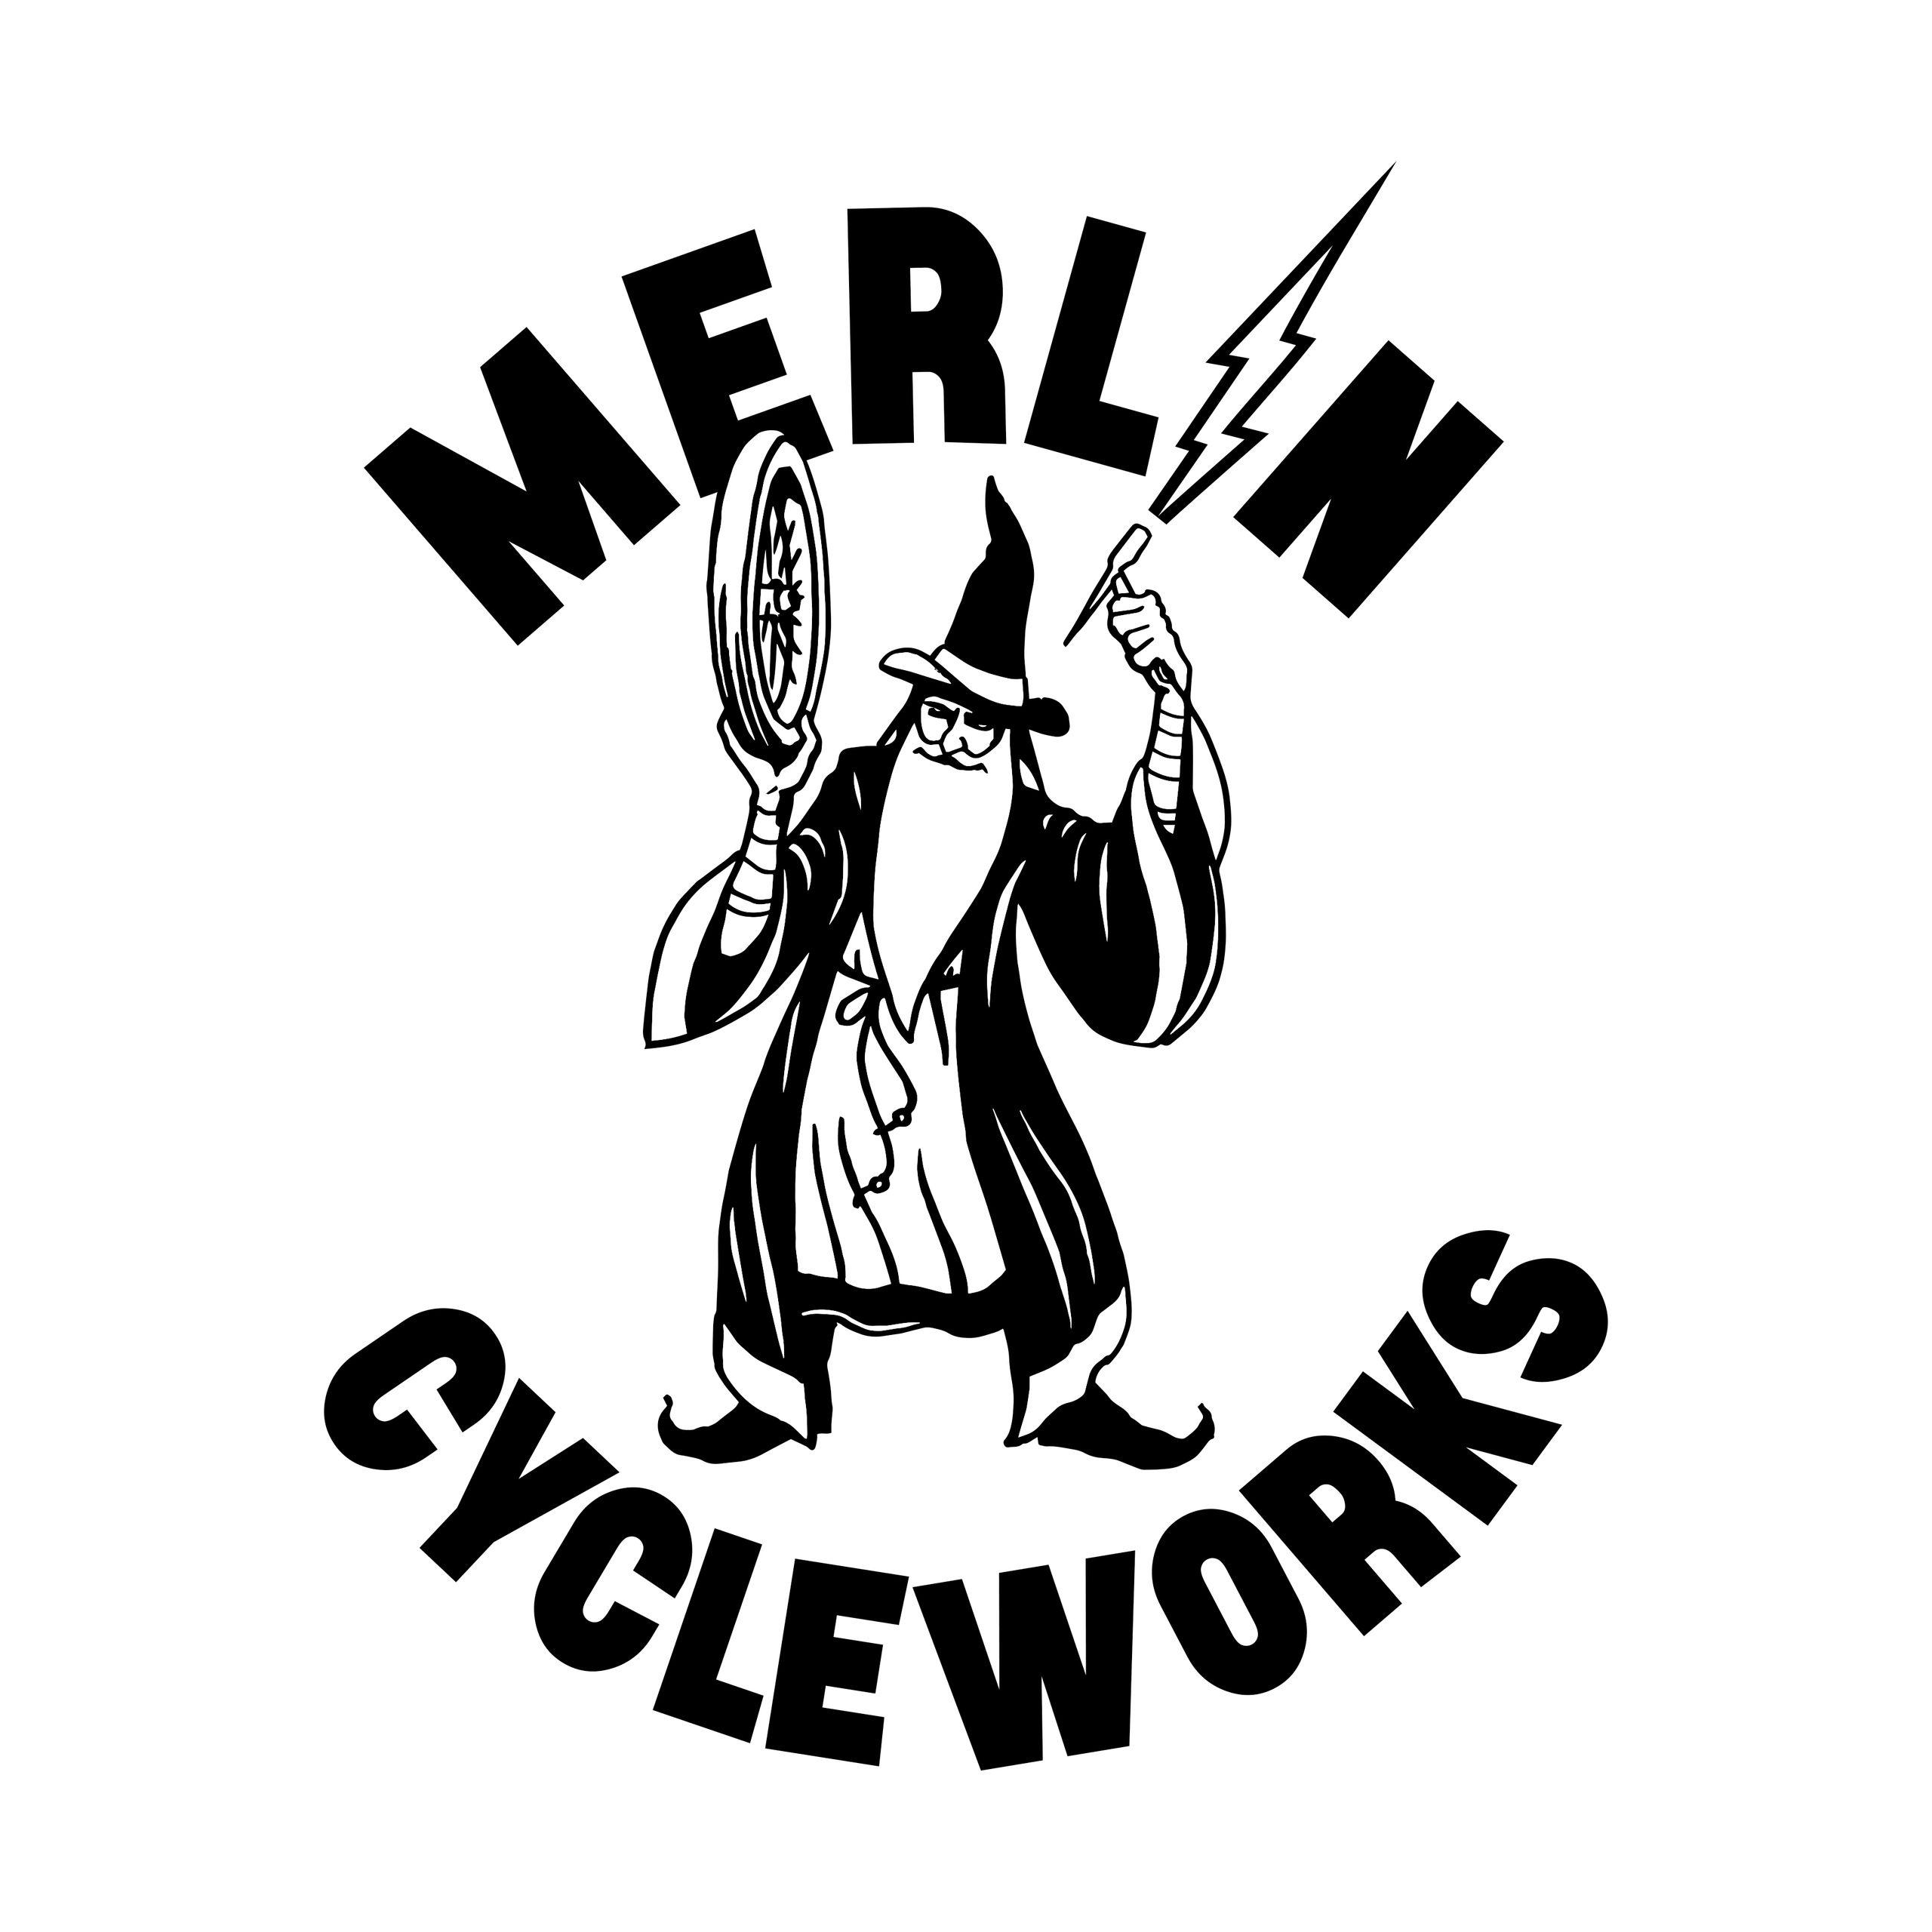 merlin cycleworks